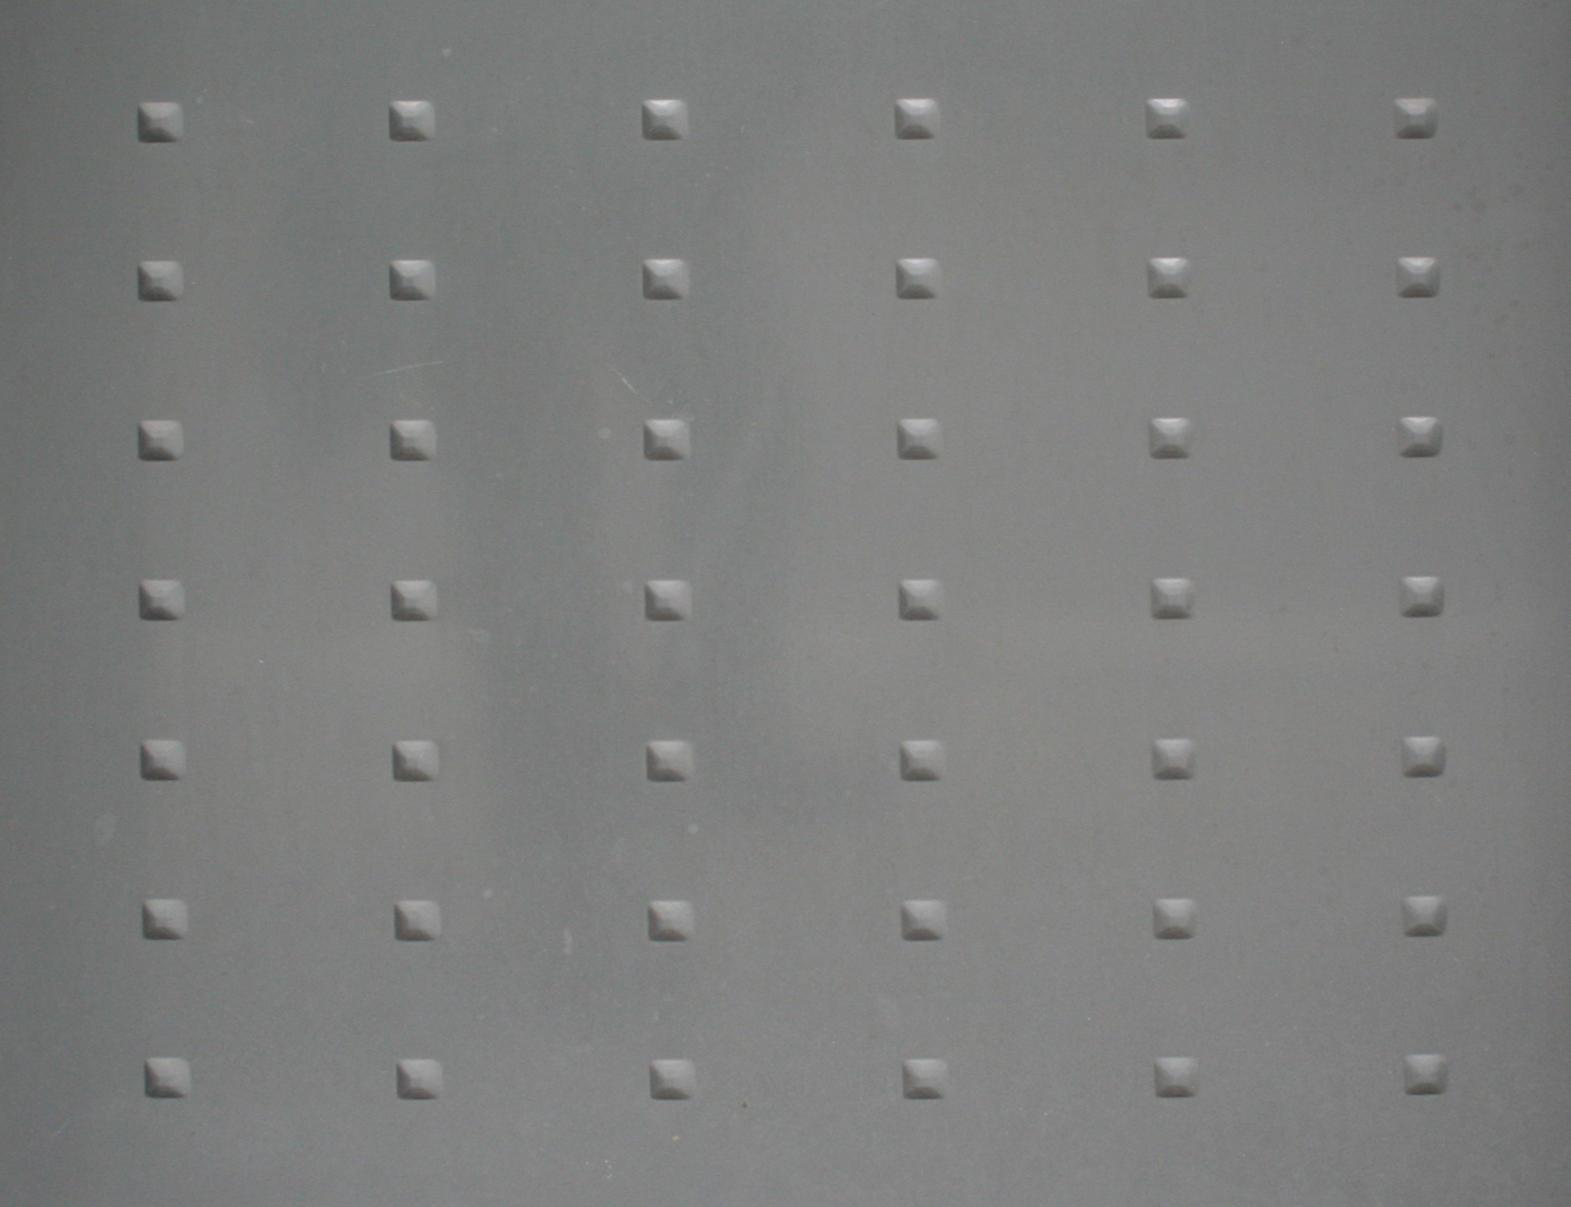 Metal Door Texture : Metal texture from a door by enframed on deviantart